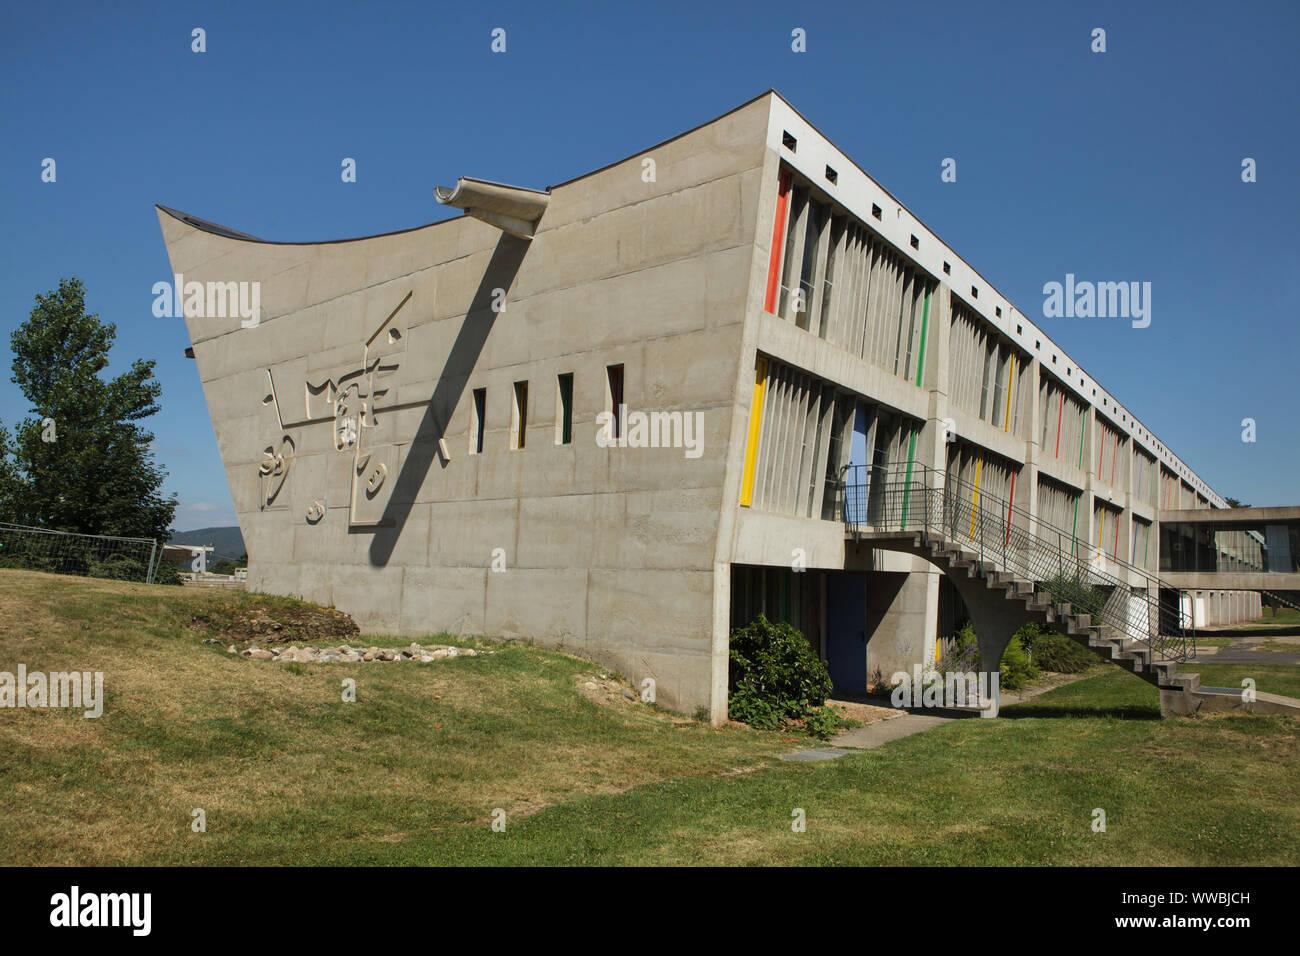 Cultural Centre Maison De La Culture De Firminy Vert Designed By Swiss Modernist Architect Le Corbusier 1965 In Firminy Near Lyon France Stock Photo Alamy